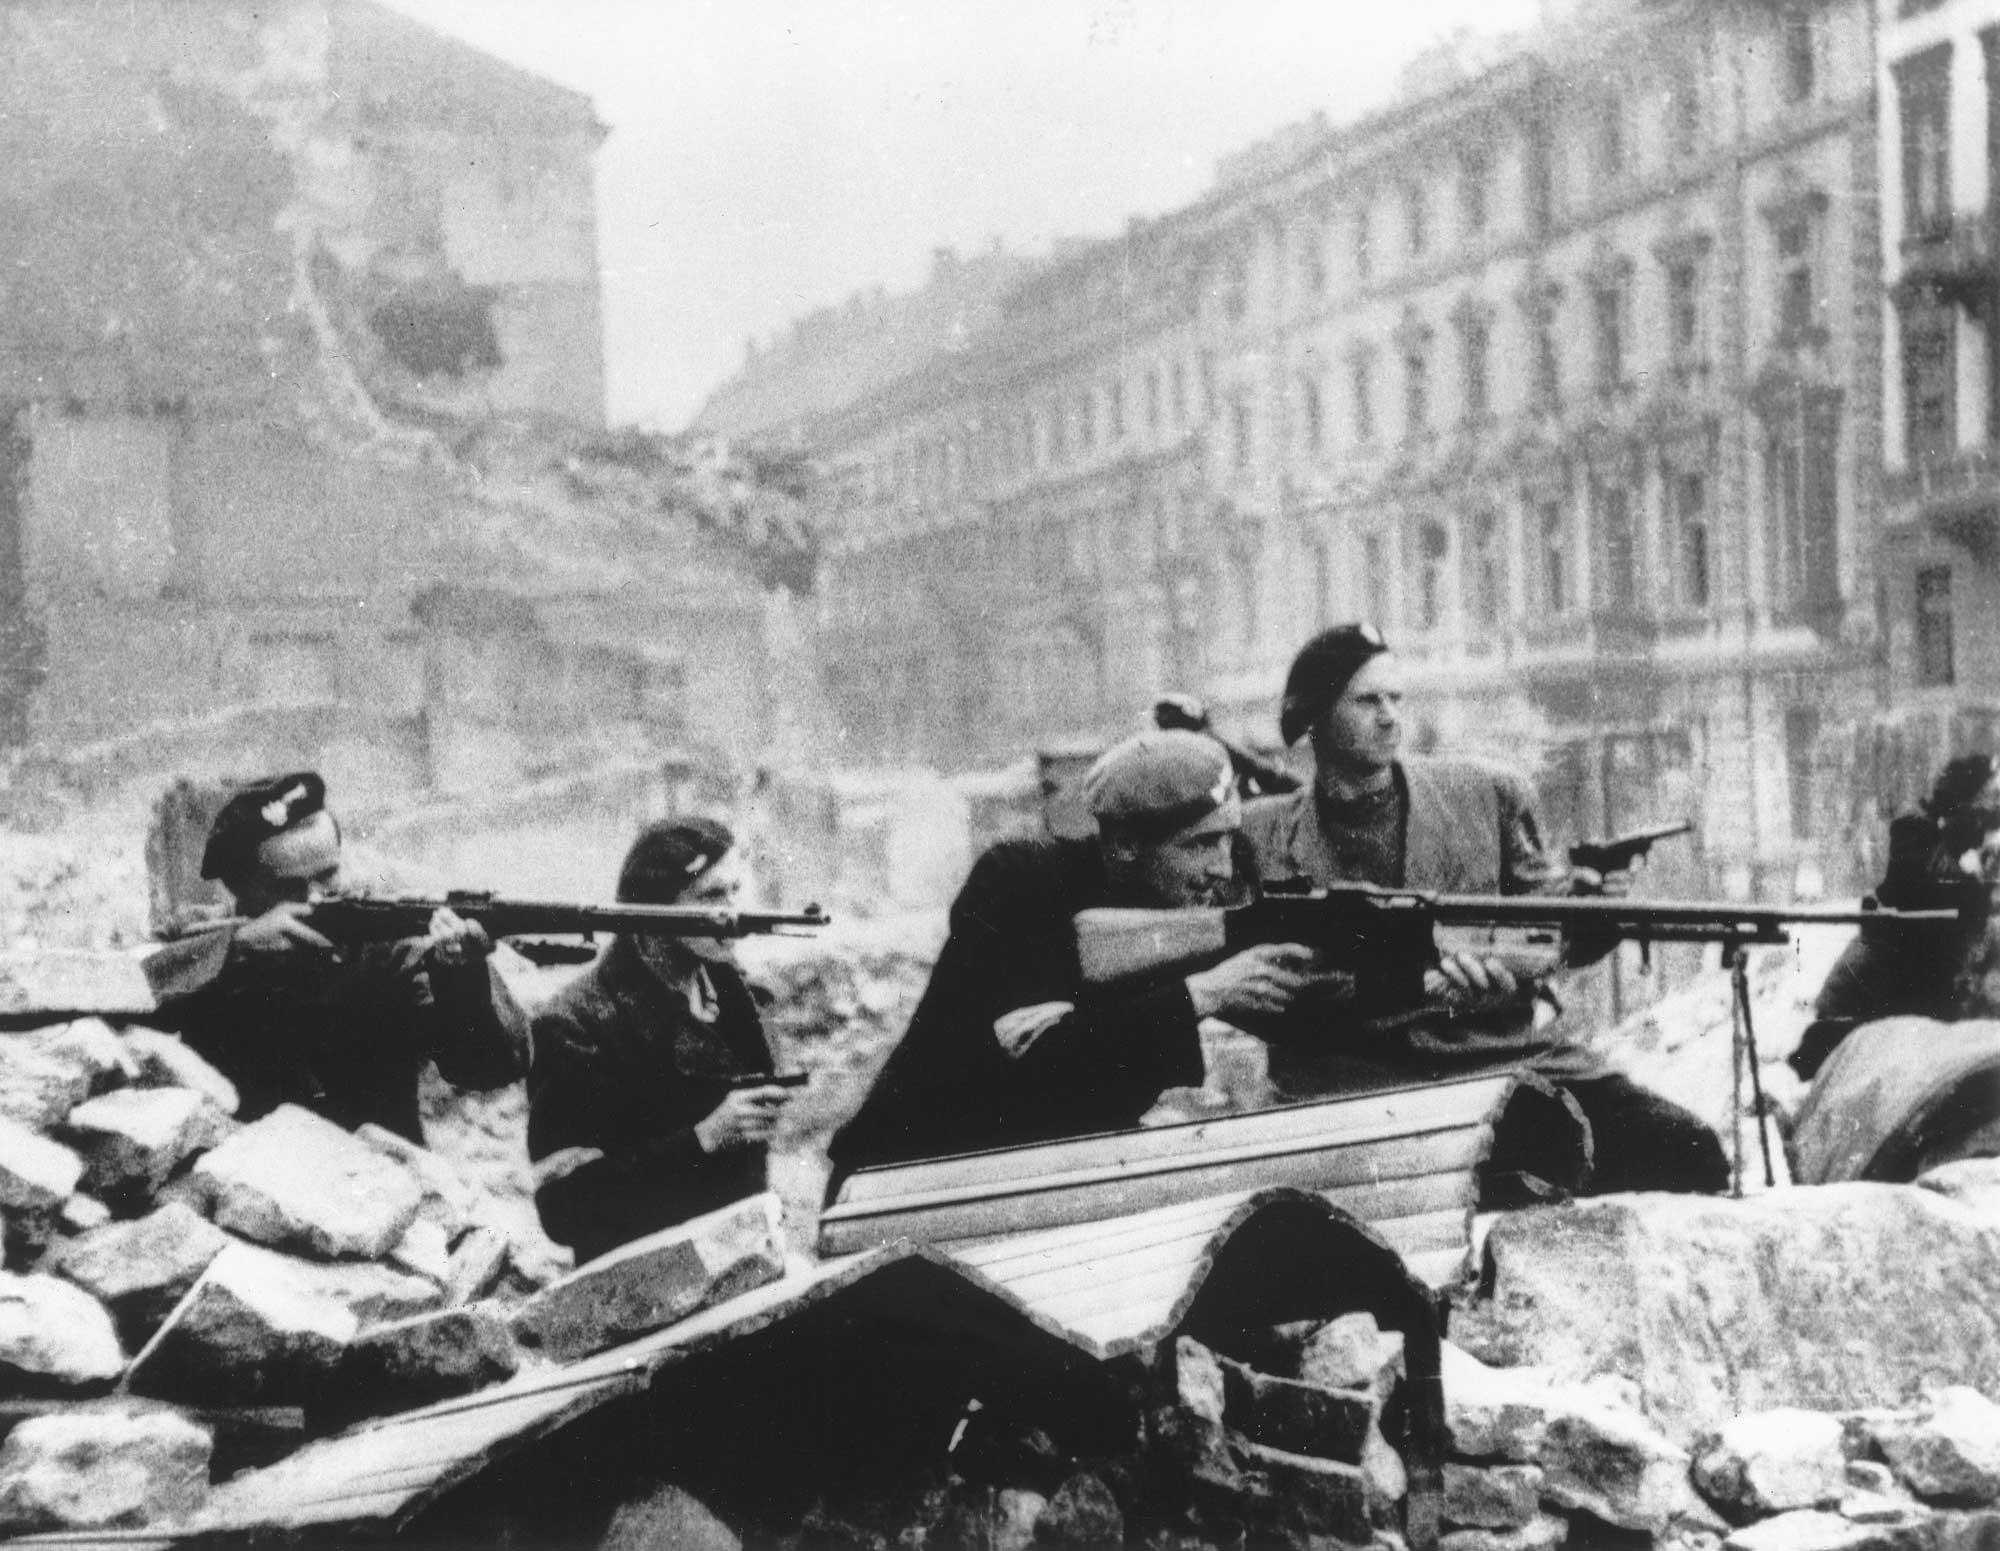 Warsaw_Uprising_by_Tomaszewski_-_Mazowiecka_1